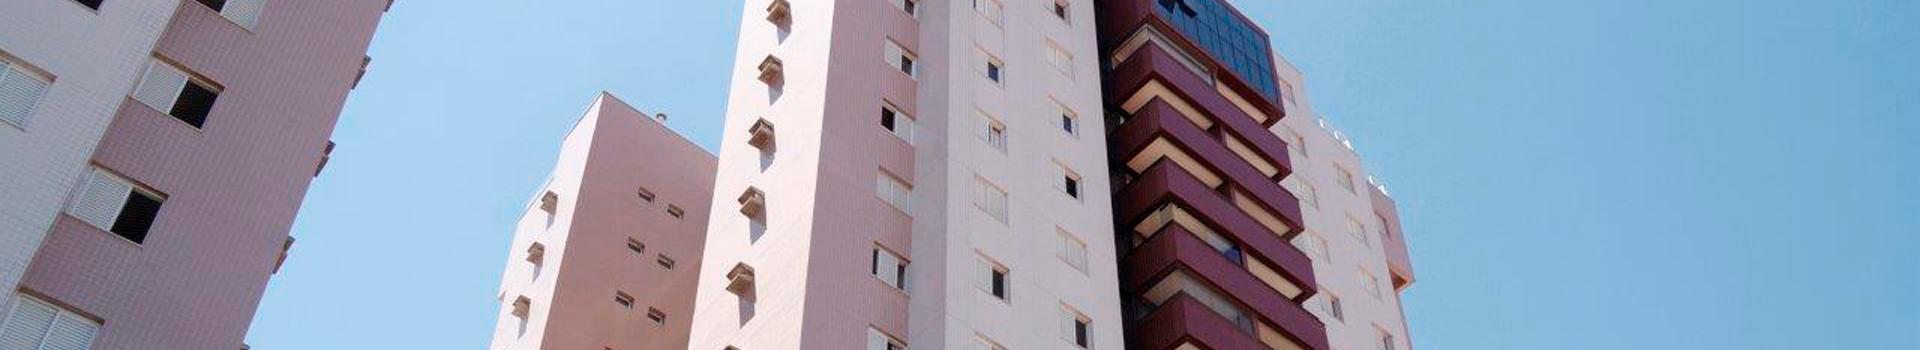 Torres do Castelo Área Construída: 19.294m² - Jd. Chapadão - Campinas / SP